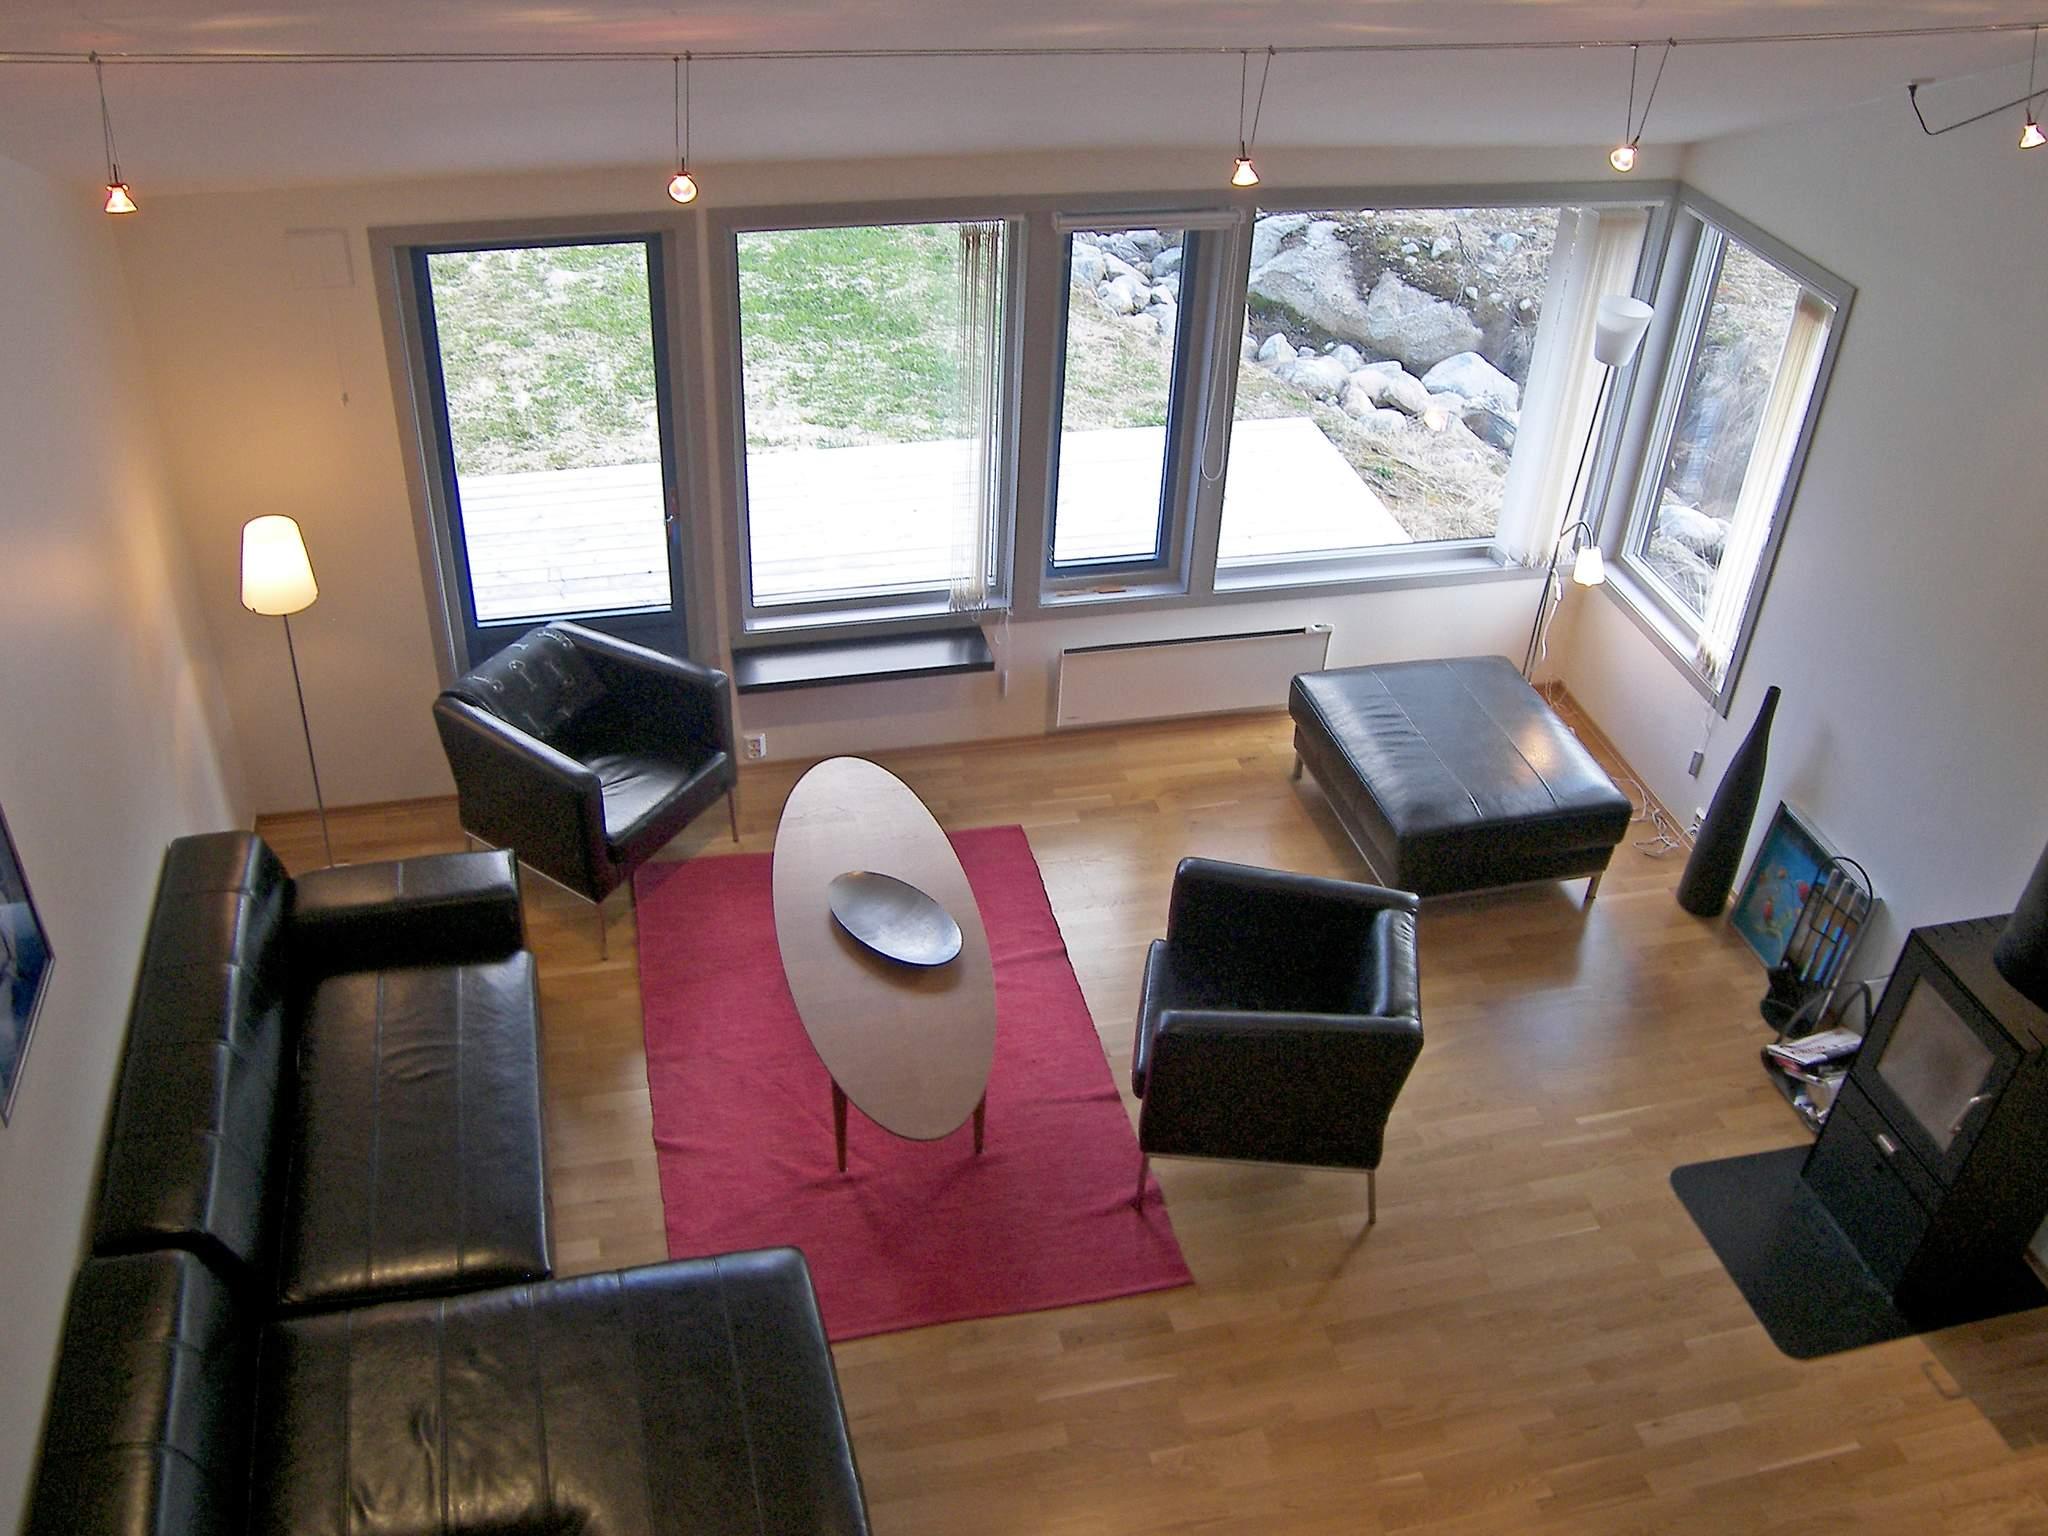 Ferienhaus Selseng (484309), Sogndal, Sognefjord - Nordfjord, Westnorwegen, Norwegen, Bild 18